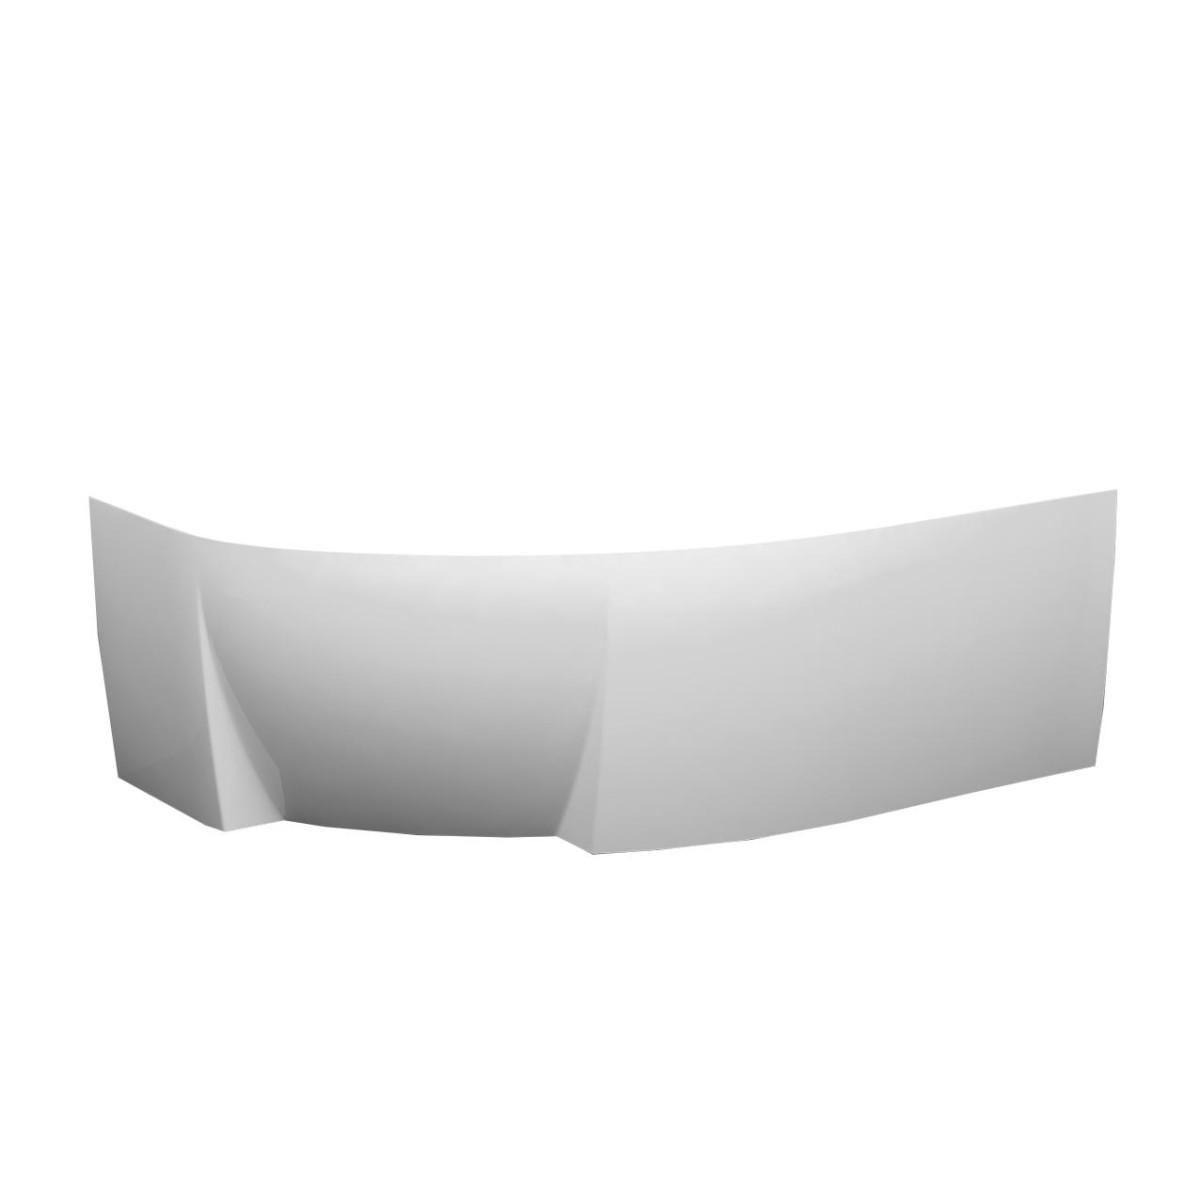 Передняя панель Ravak A для ванны Ravak Rosa II 160 см левая CZM1200A00